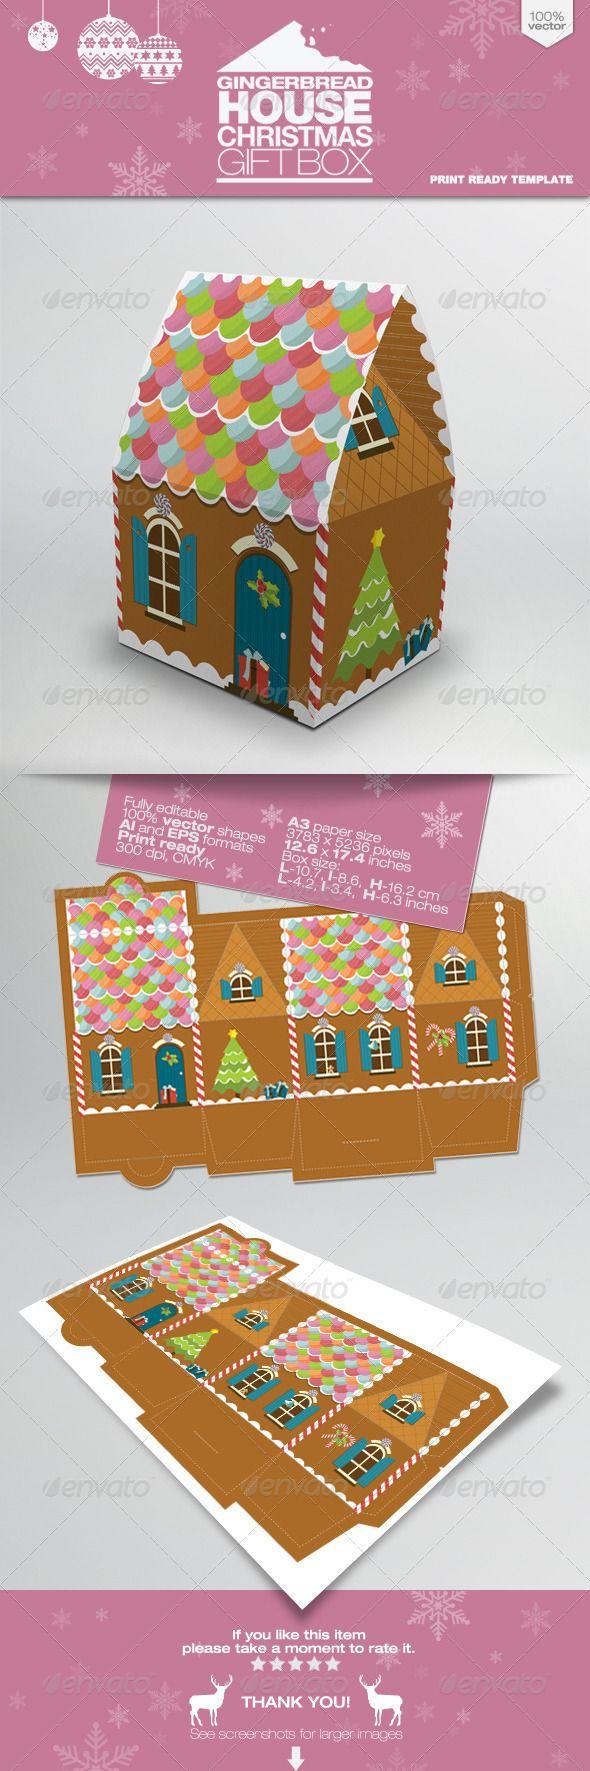 box, brown, christmas, colors, gift, gift box, gifts